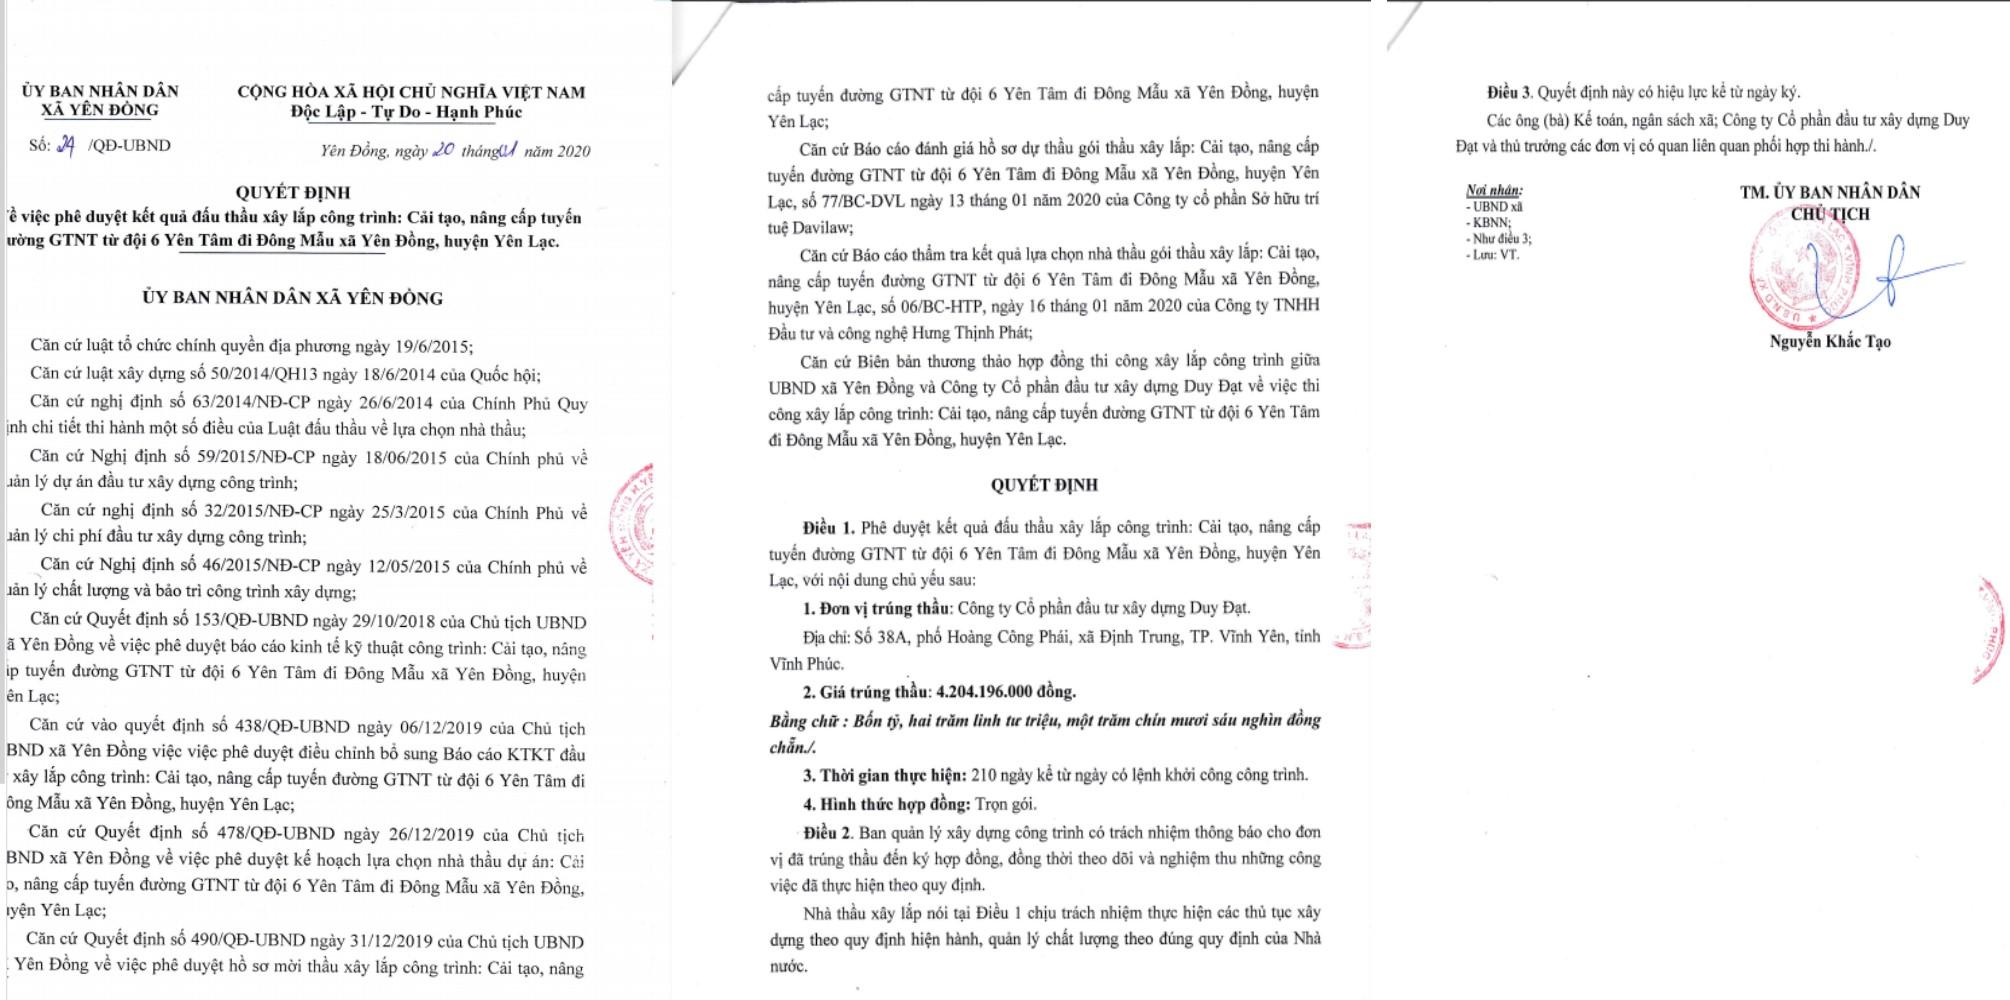 """Yên Đồng, Yên Lạc (Vĩnh Phúc): Nhà thầu """"quen mặt"""" trúng nhiều gói thầu tiết kiệm """"siêu thấp"""" - ảnh 1"""